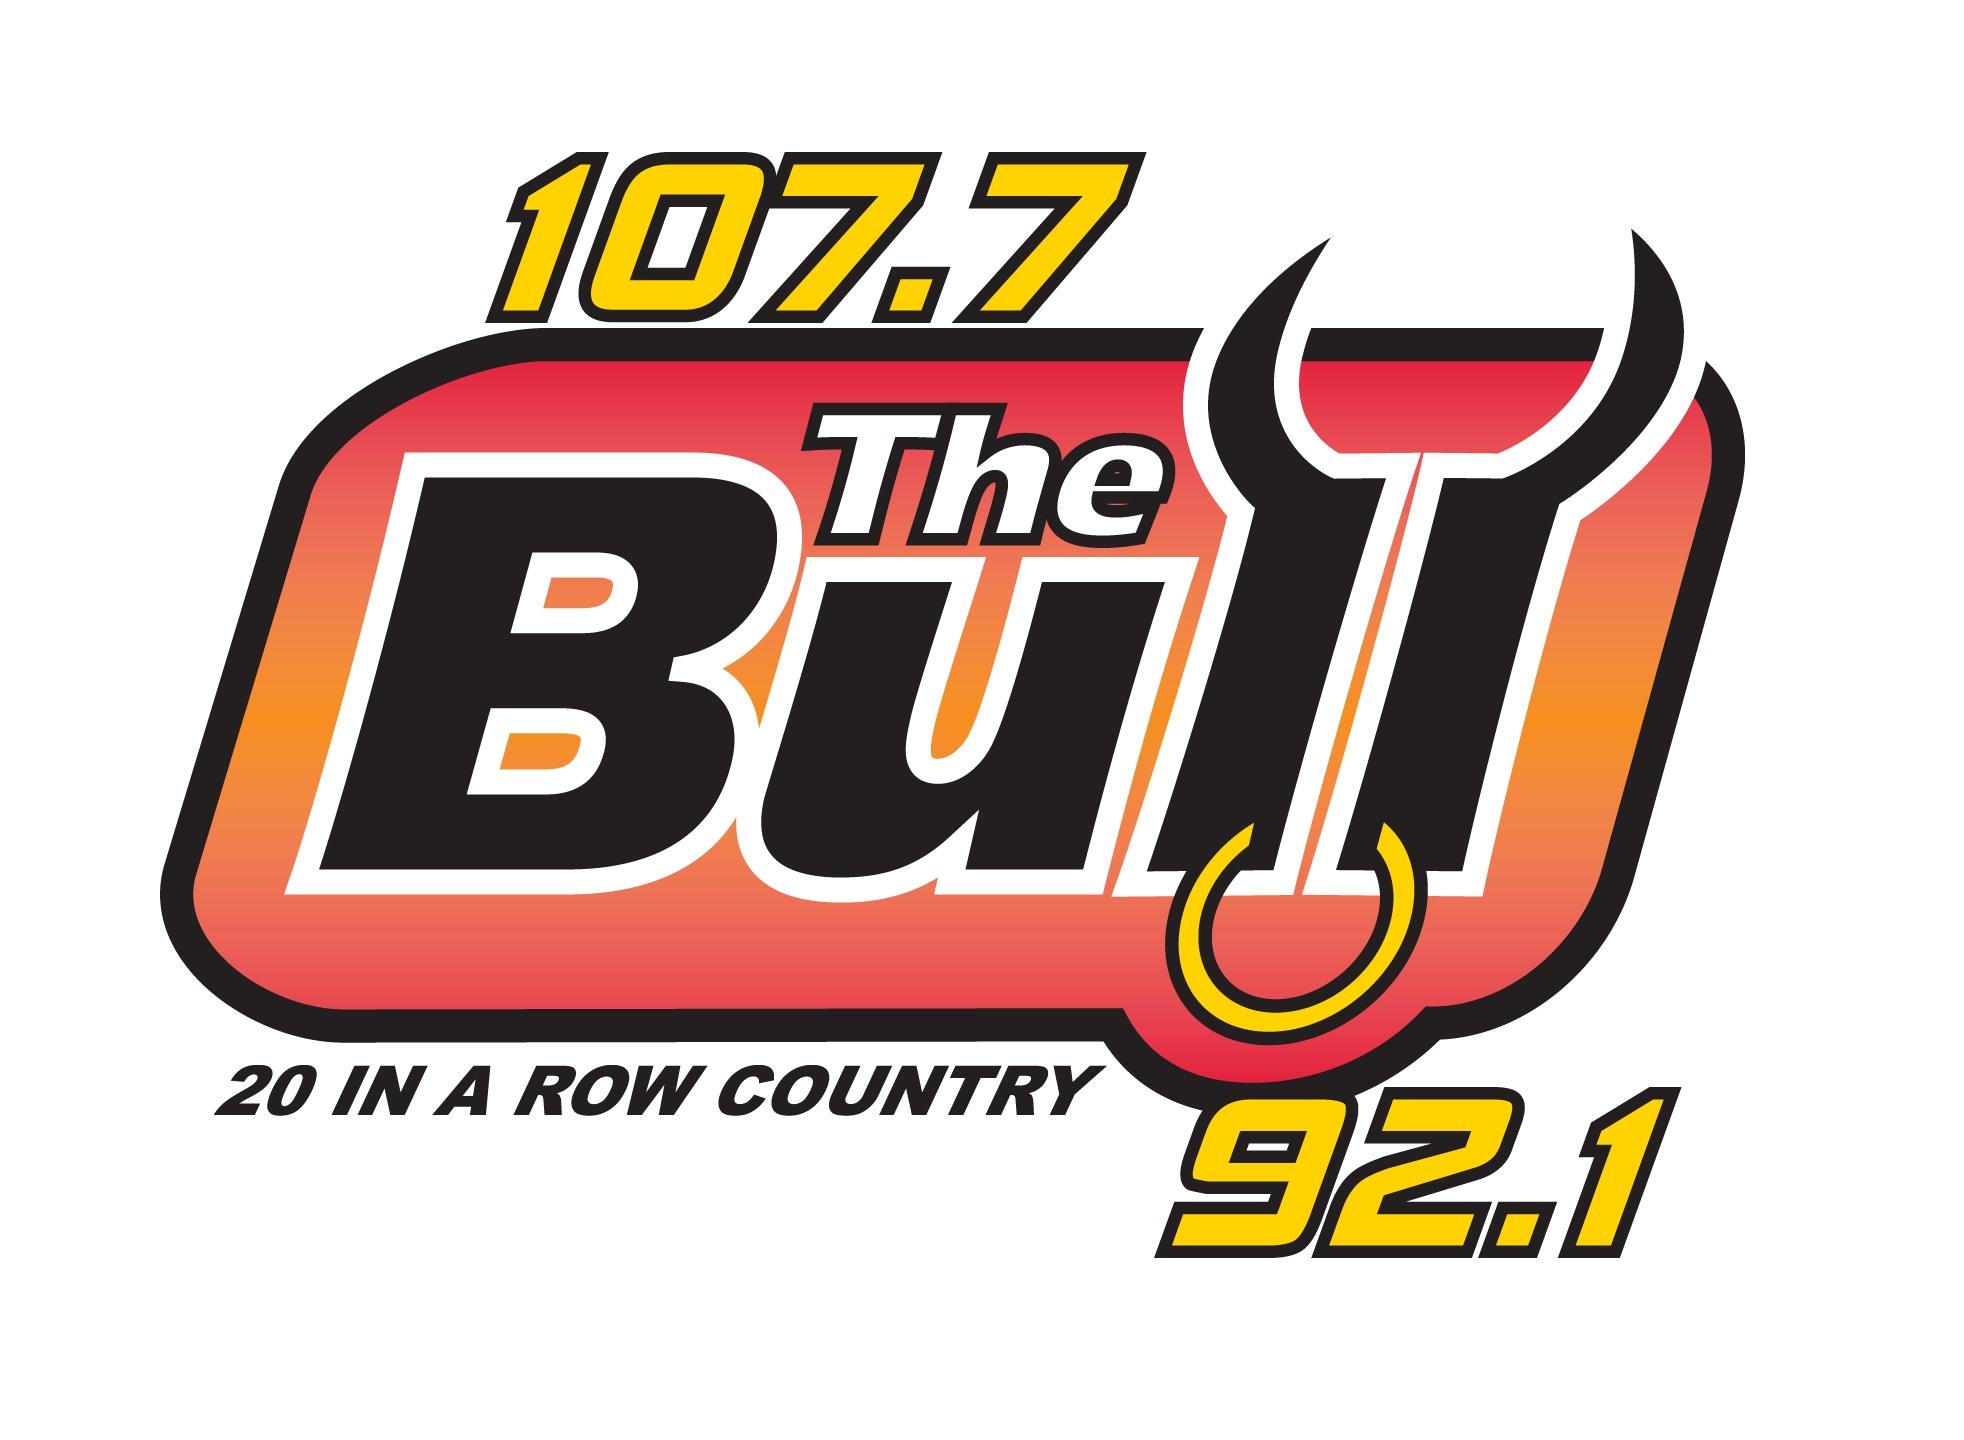 107.7 The Bull